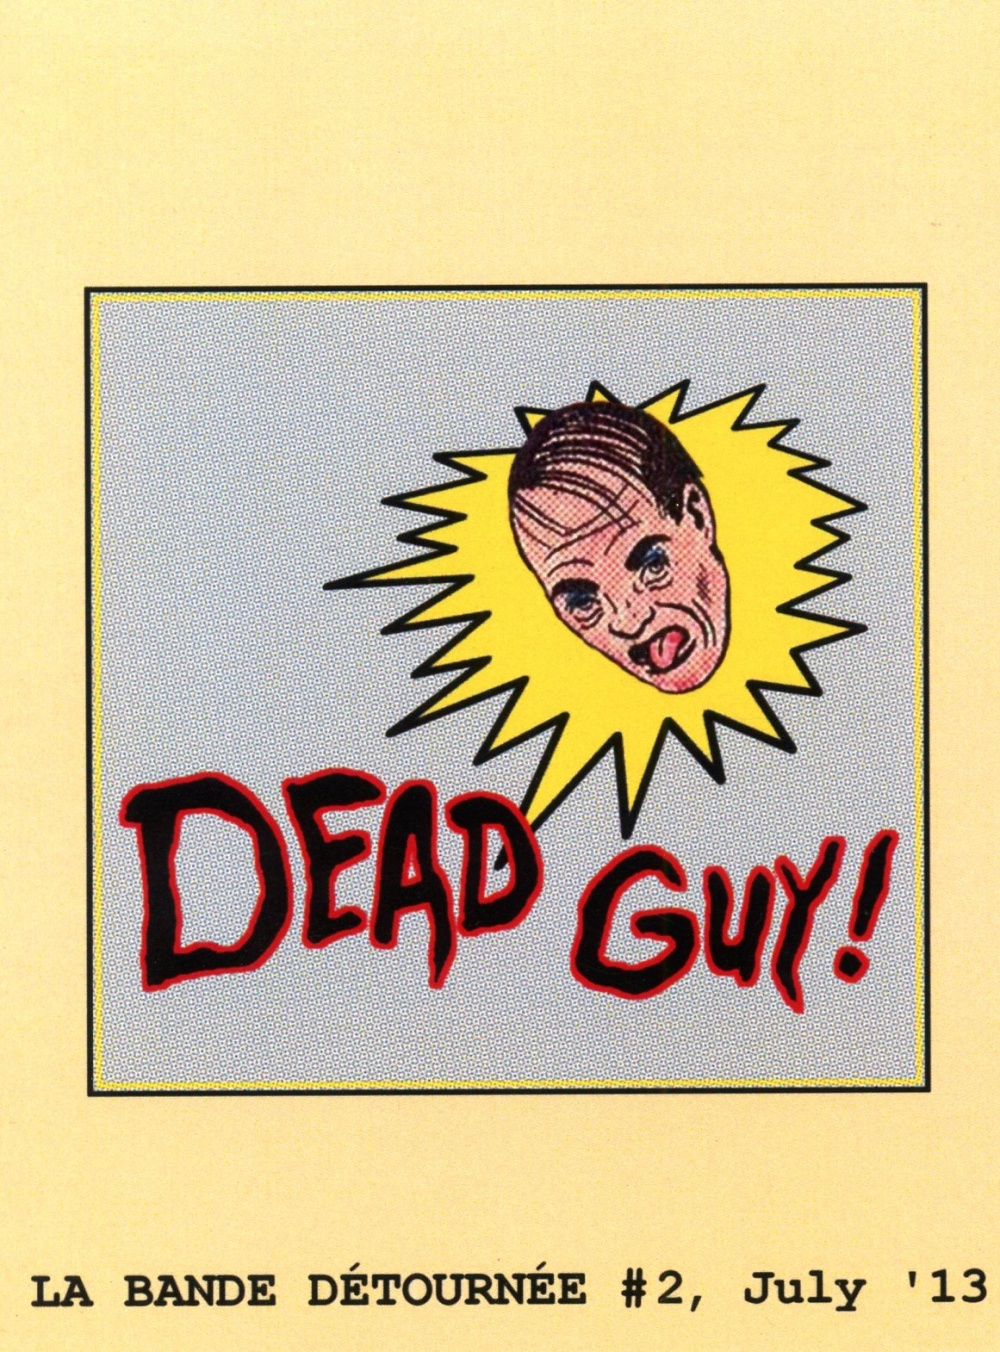 La Bande Détournée #1 - DEAD GUY!